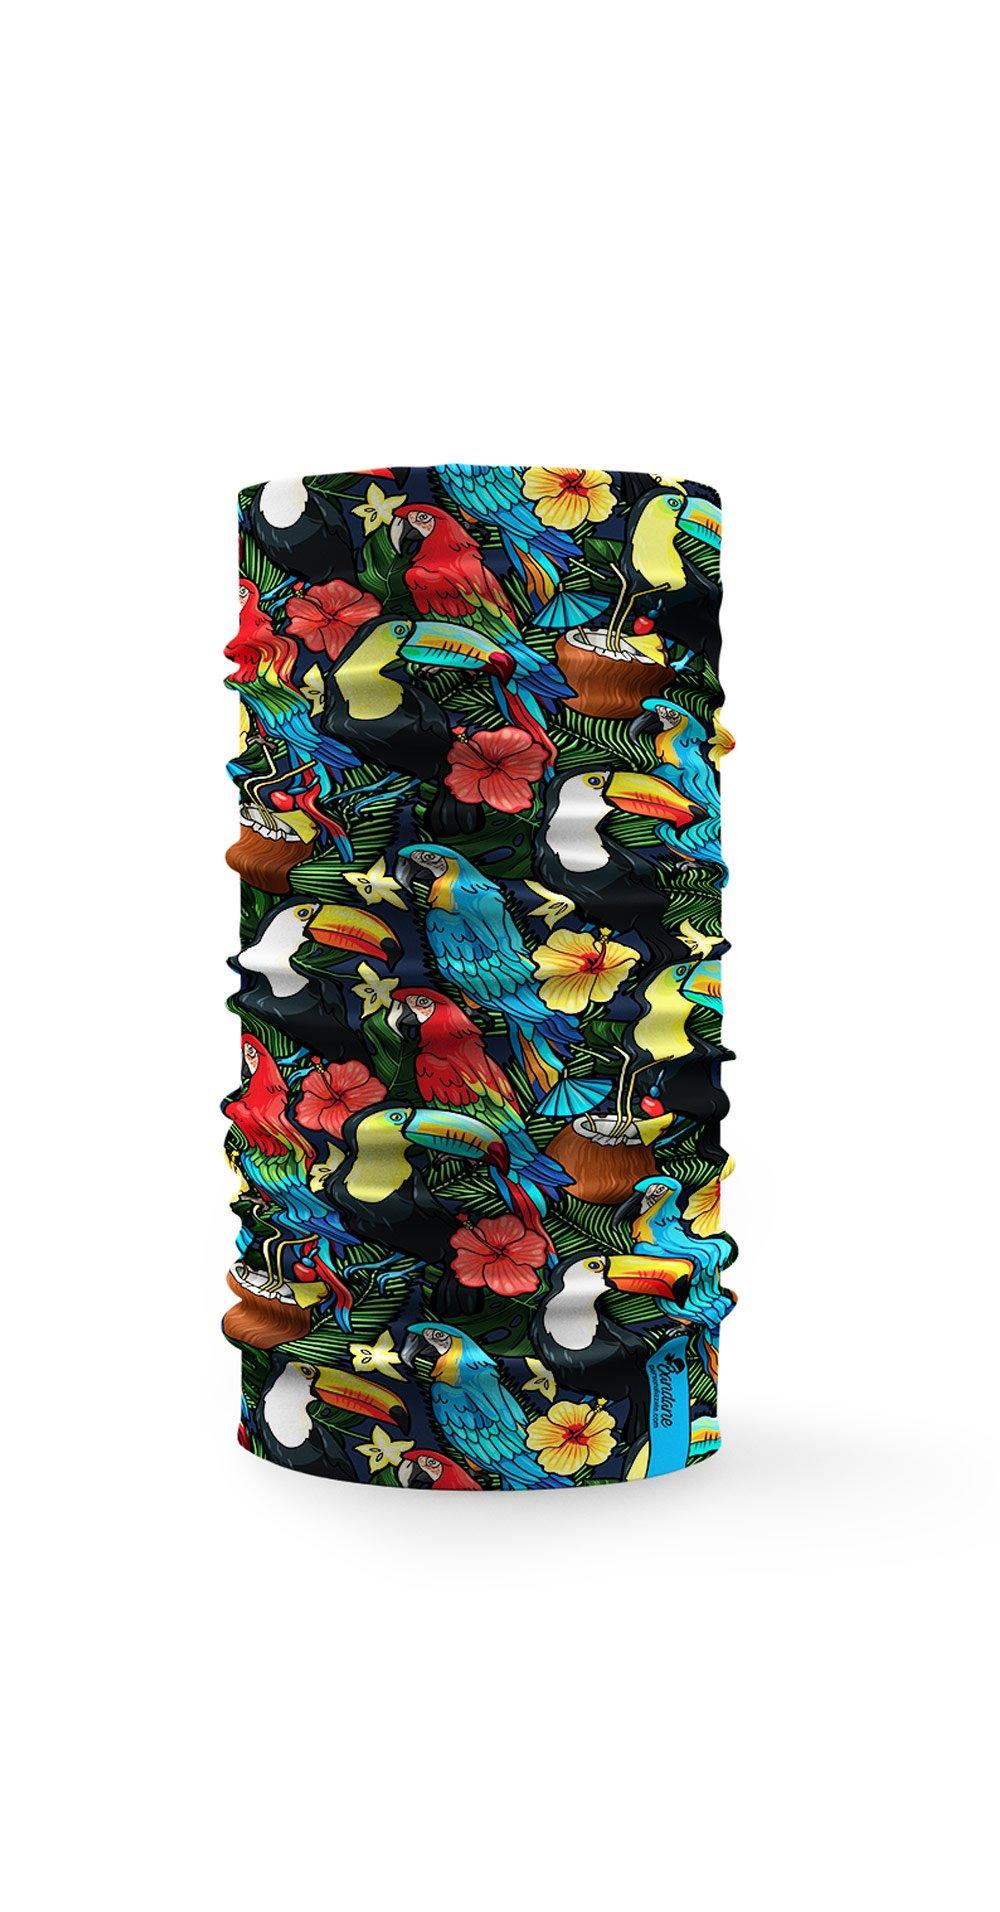 Bandana tubolare con disegnati tucani tropicali multicolore e fiori